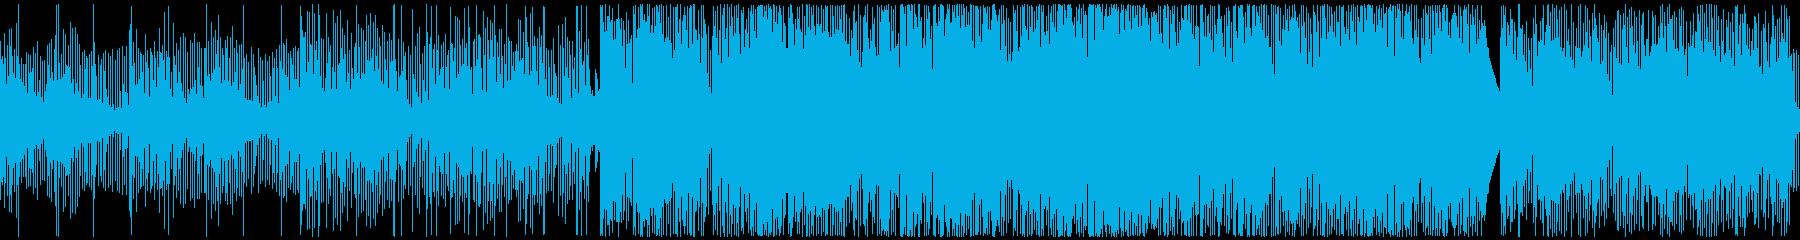 【WEBや店舗に】おしゃれなダウンテンポの再生済みの波形